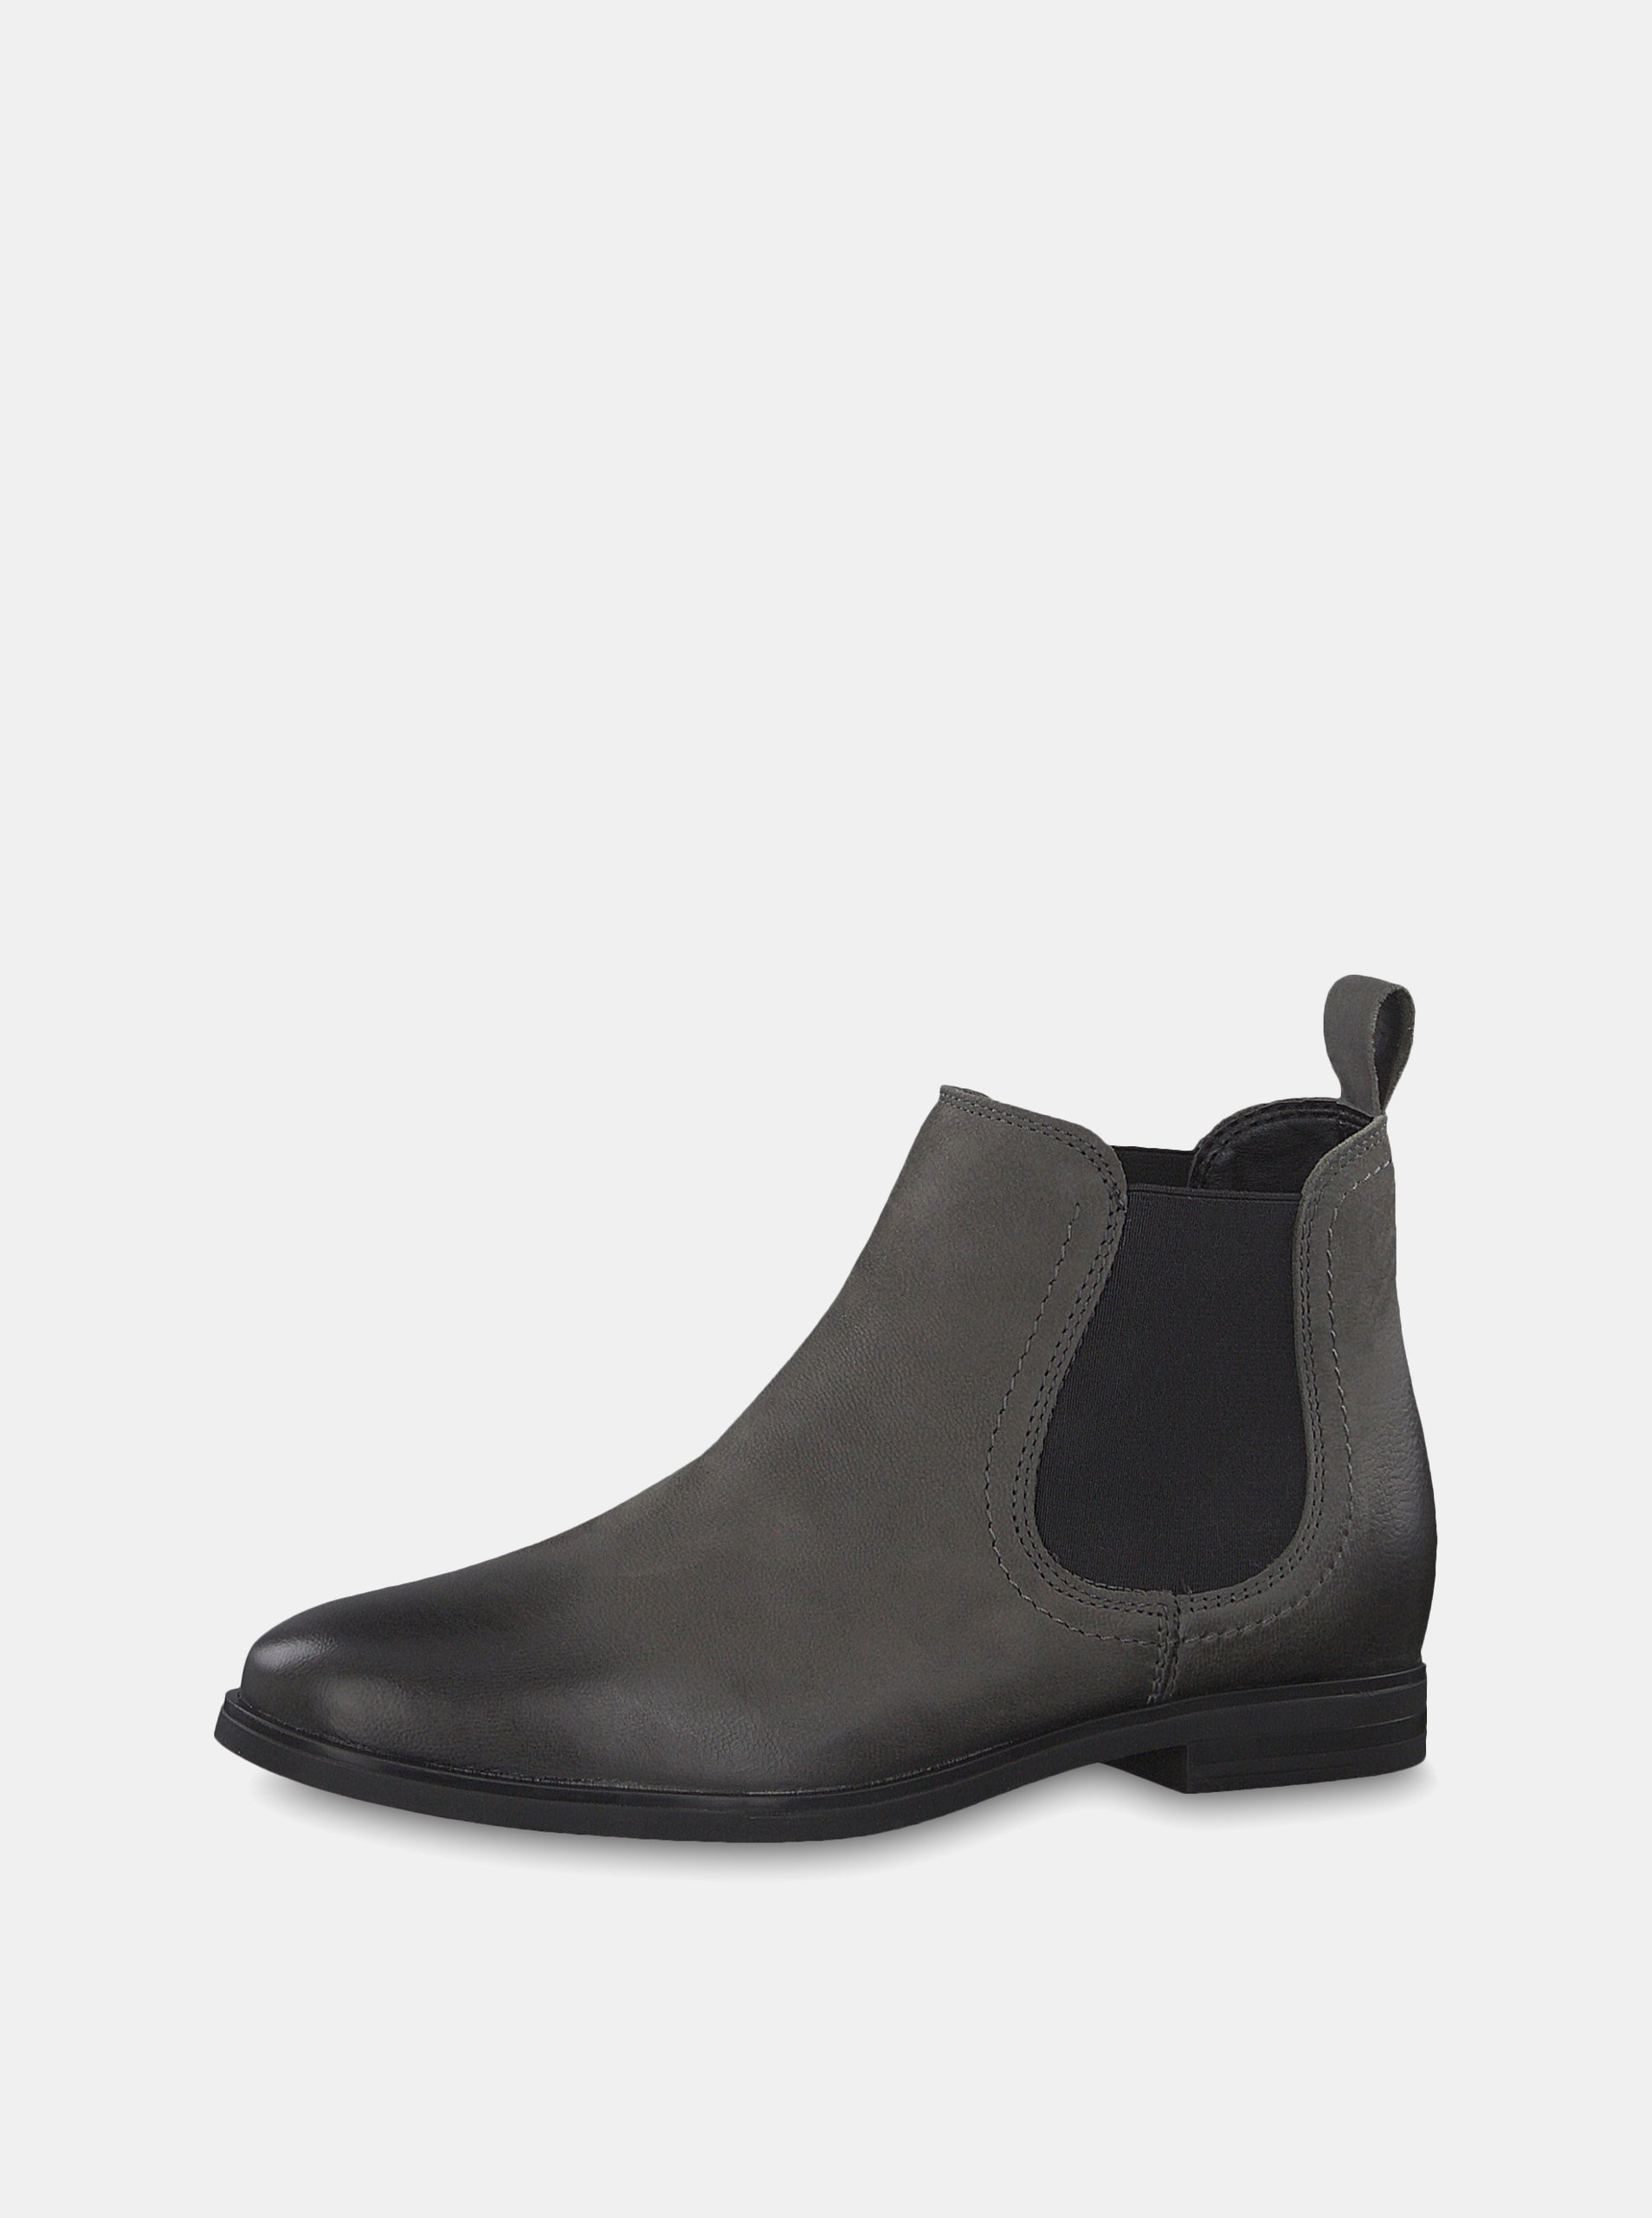 Šedé kožené chelsea boty Tamaris